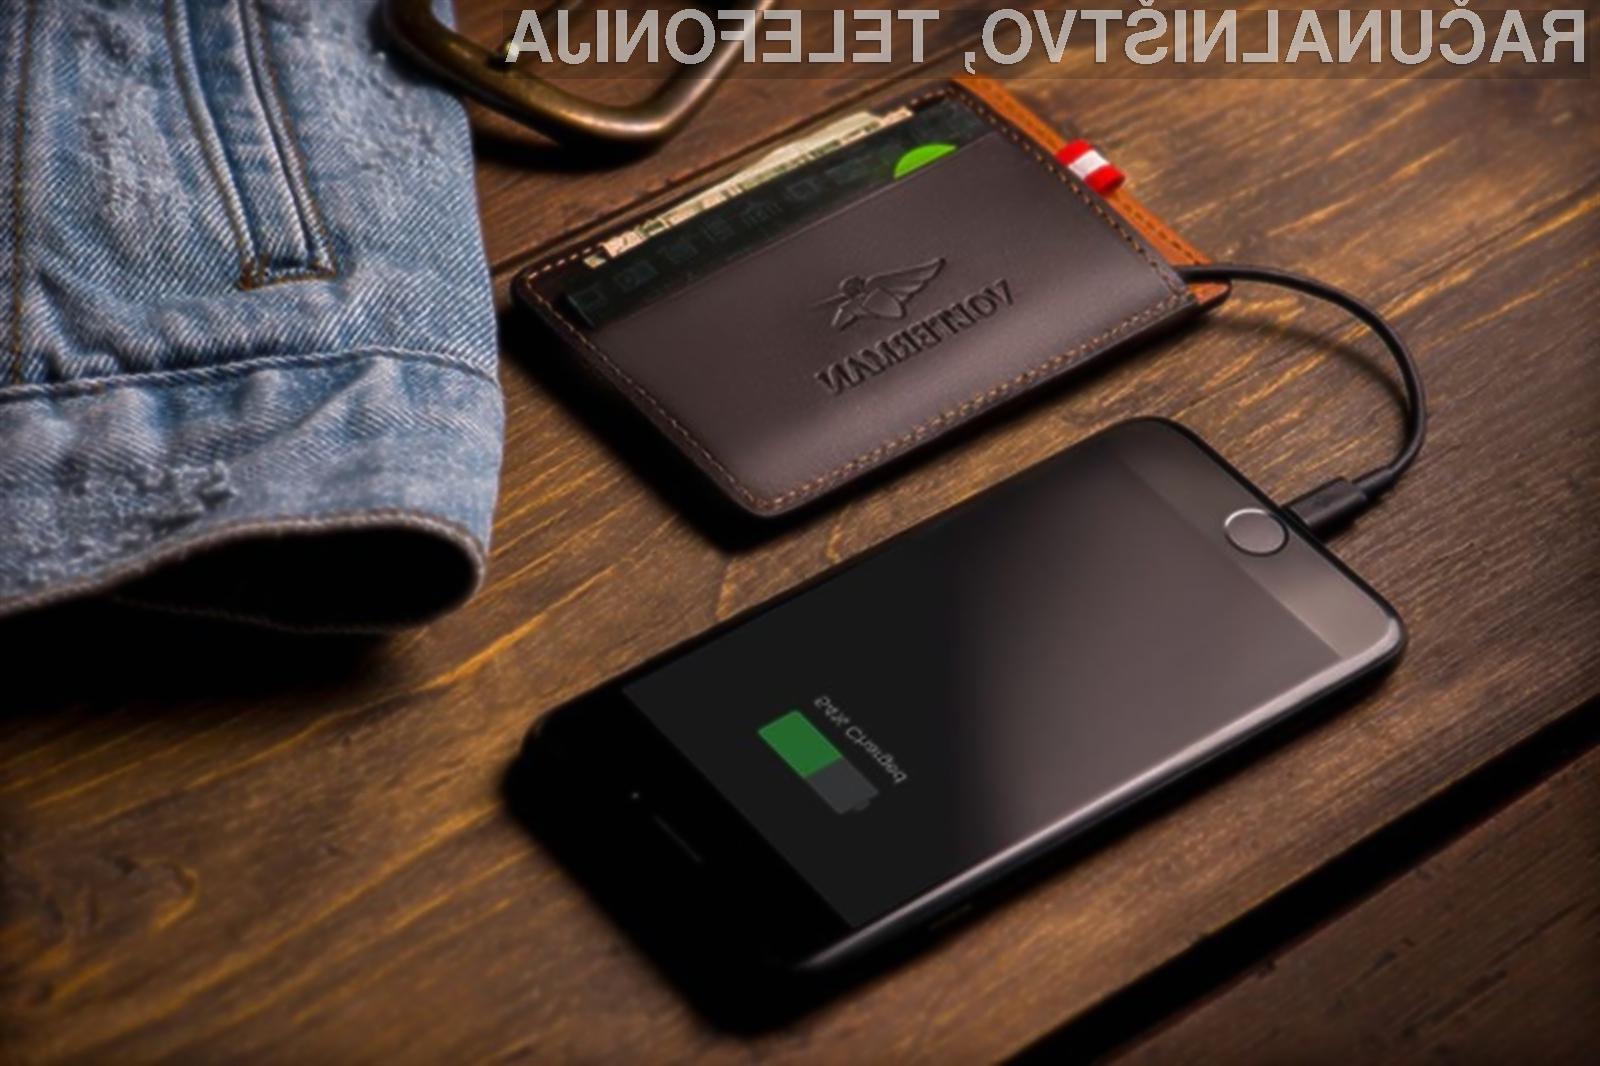 Pametna denarnica Volterman je vseopravilna, z njo pa lahko napolnimo celo pametni mobilni telefon.